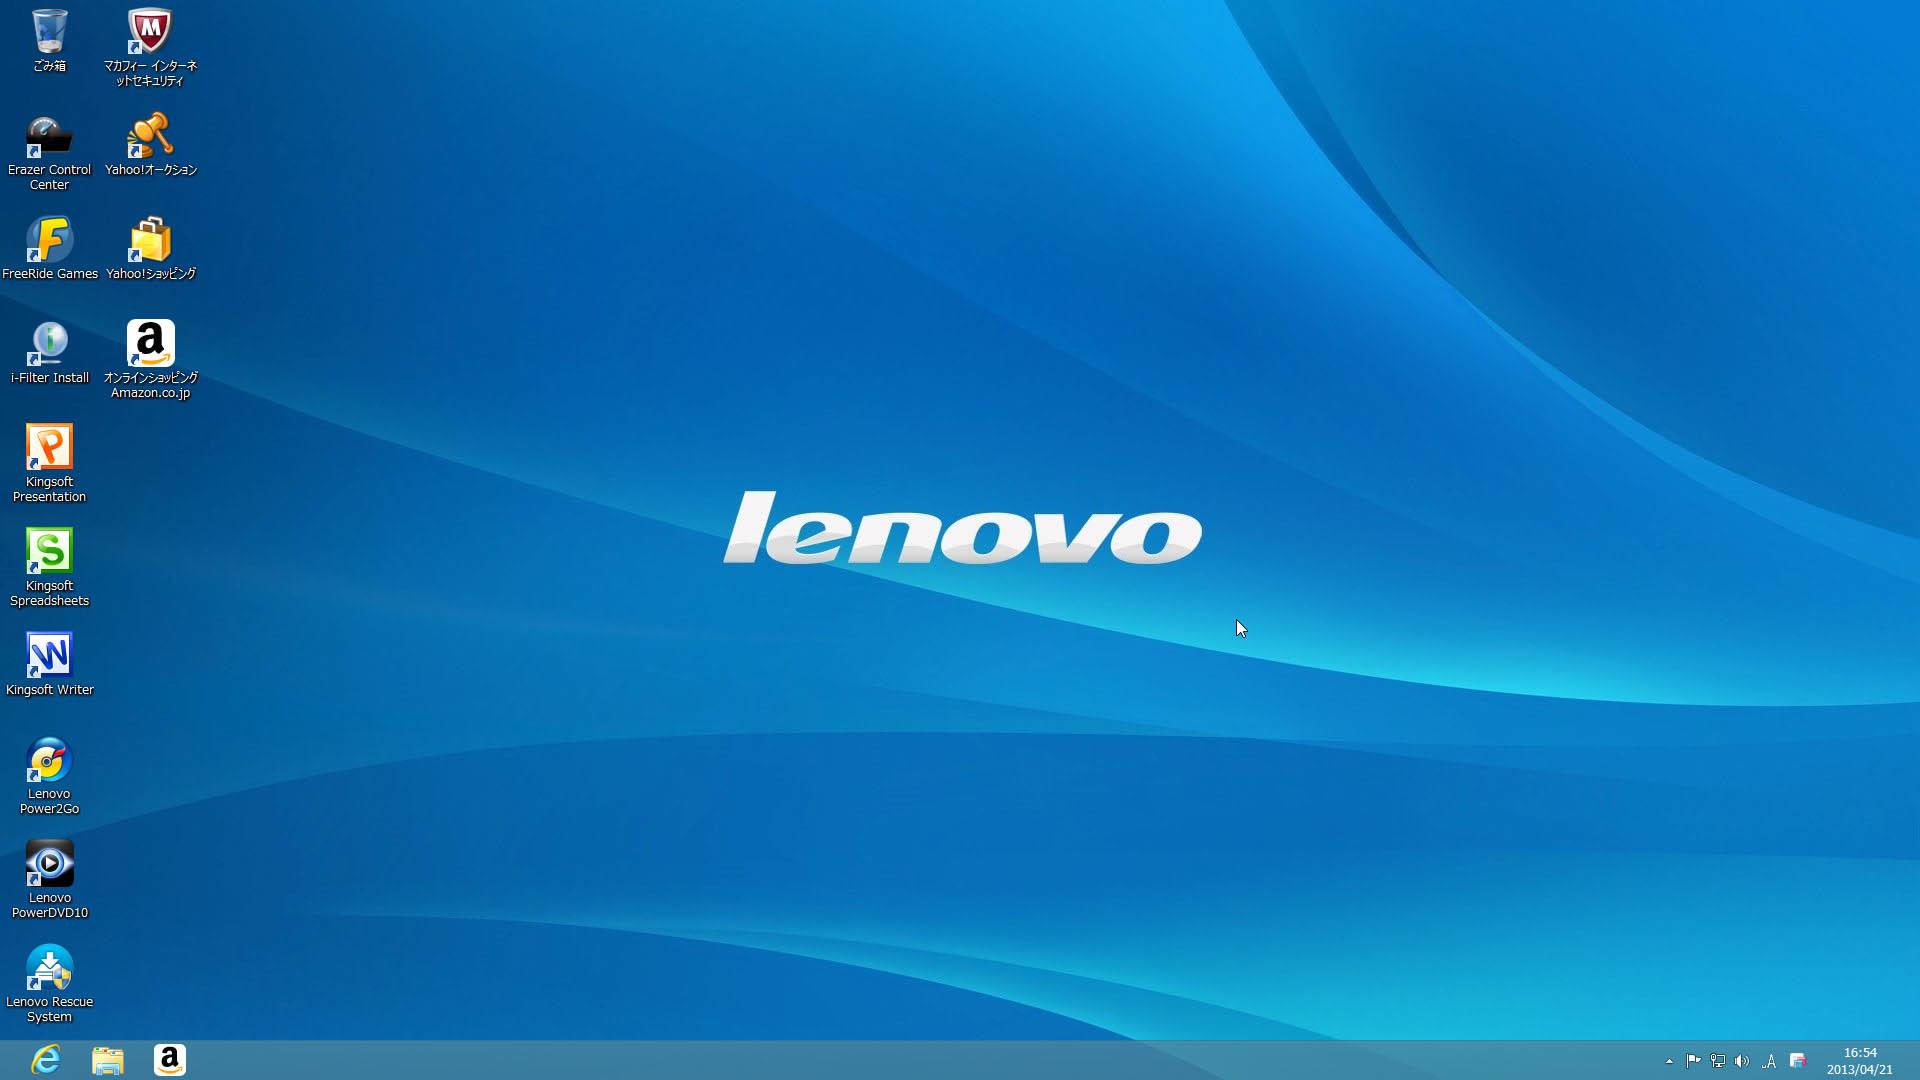 Lenovo Mobile Wallpaper: Lenovo Thinkpad Wallpaper (67+ Images